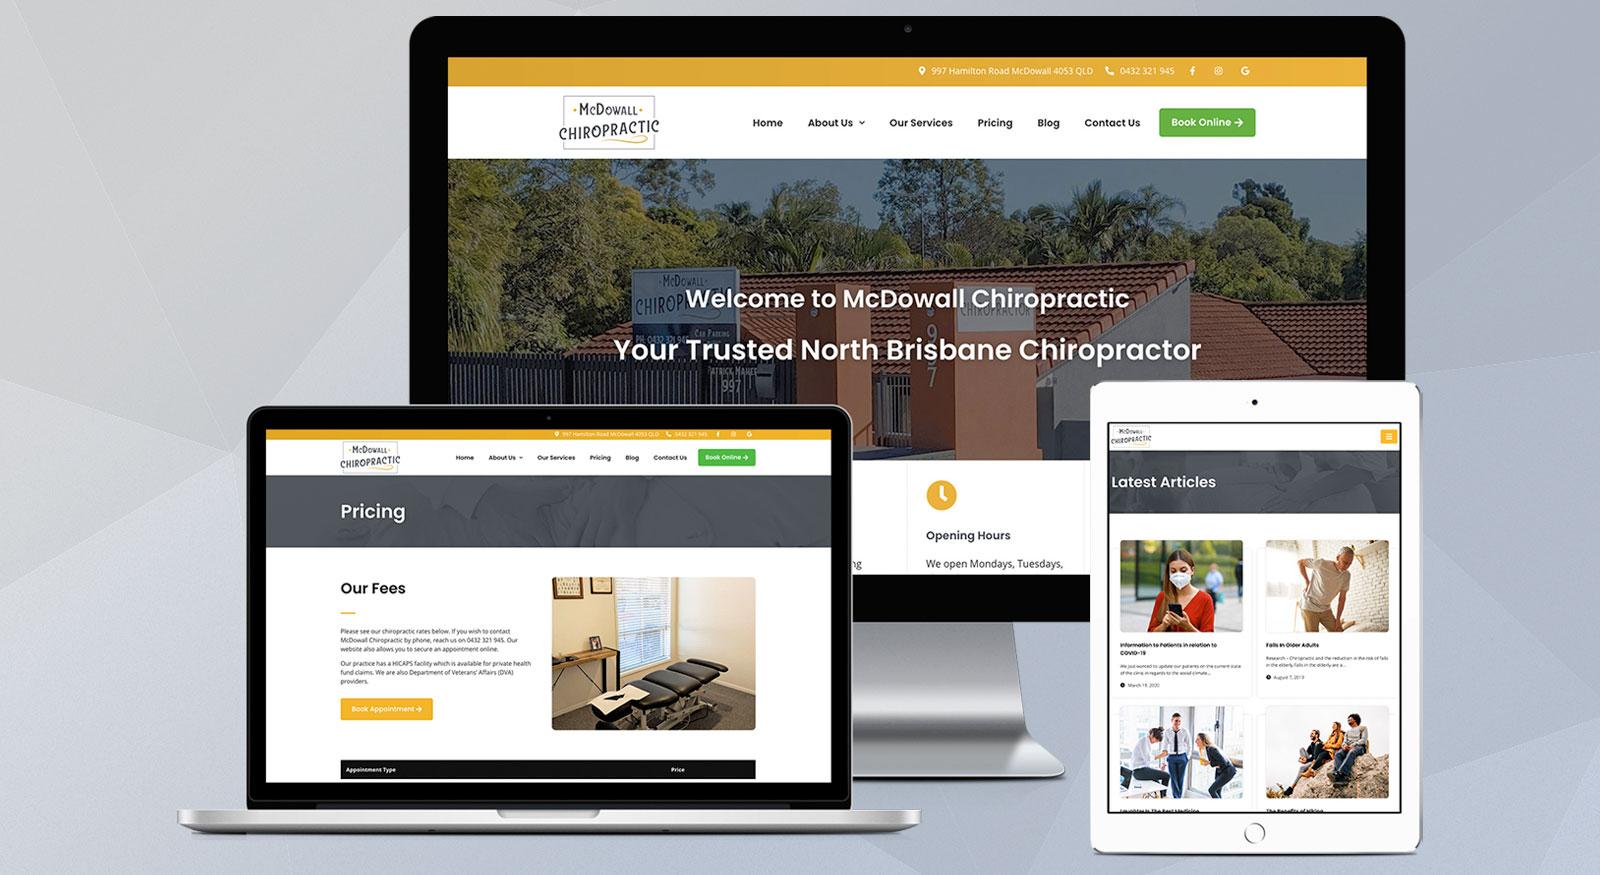 Website Launch - McDowall Chiropractic